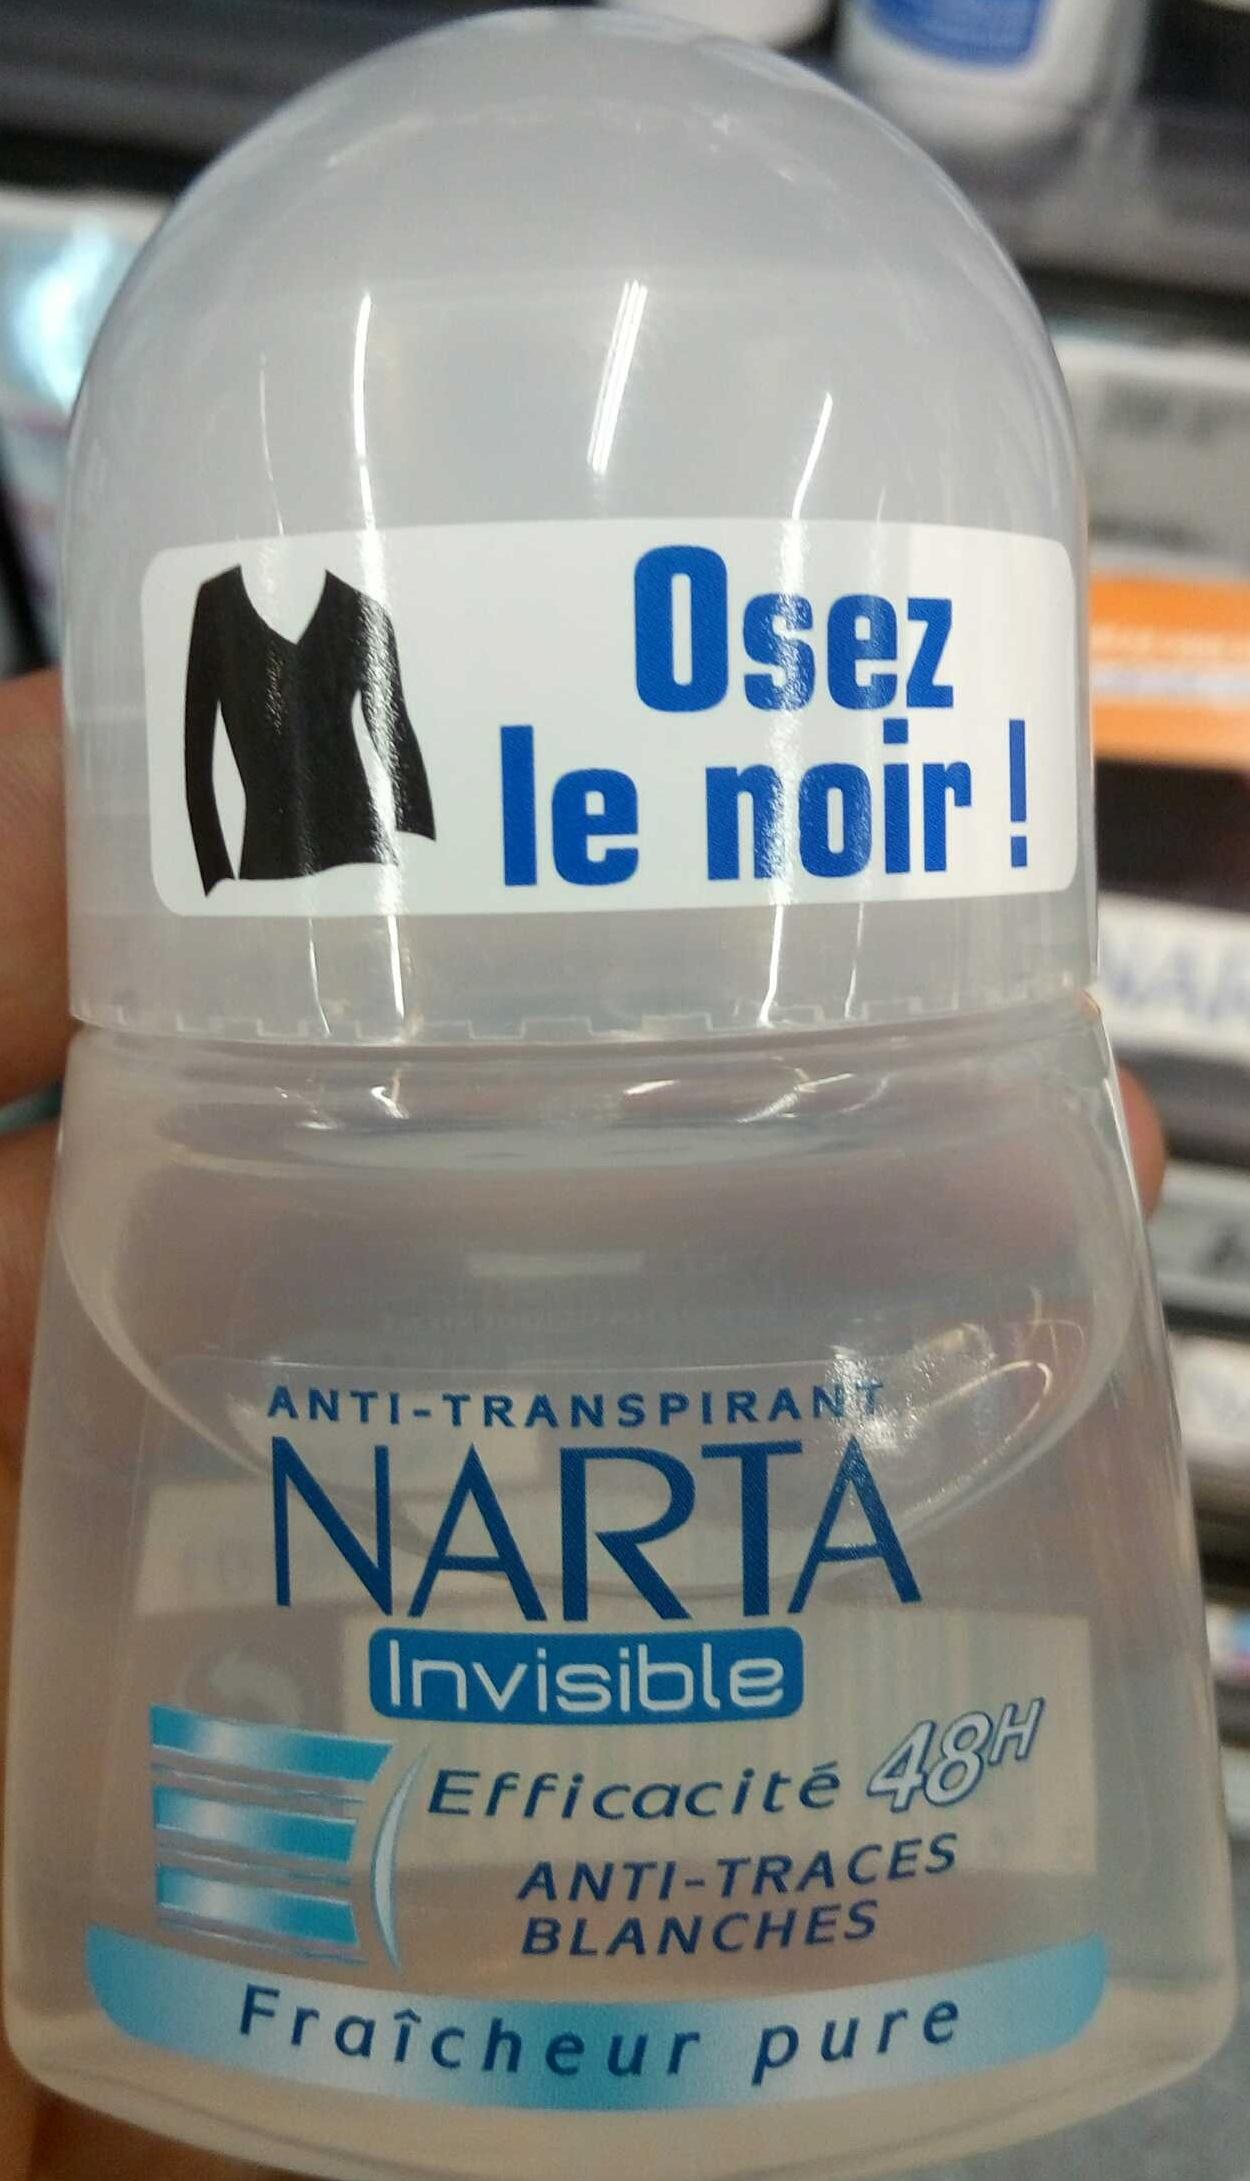 Anti-Tranpirant Invisible Fraîcheur pure 48H - Product